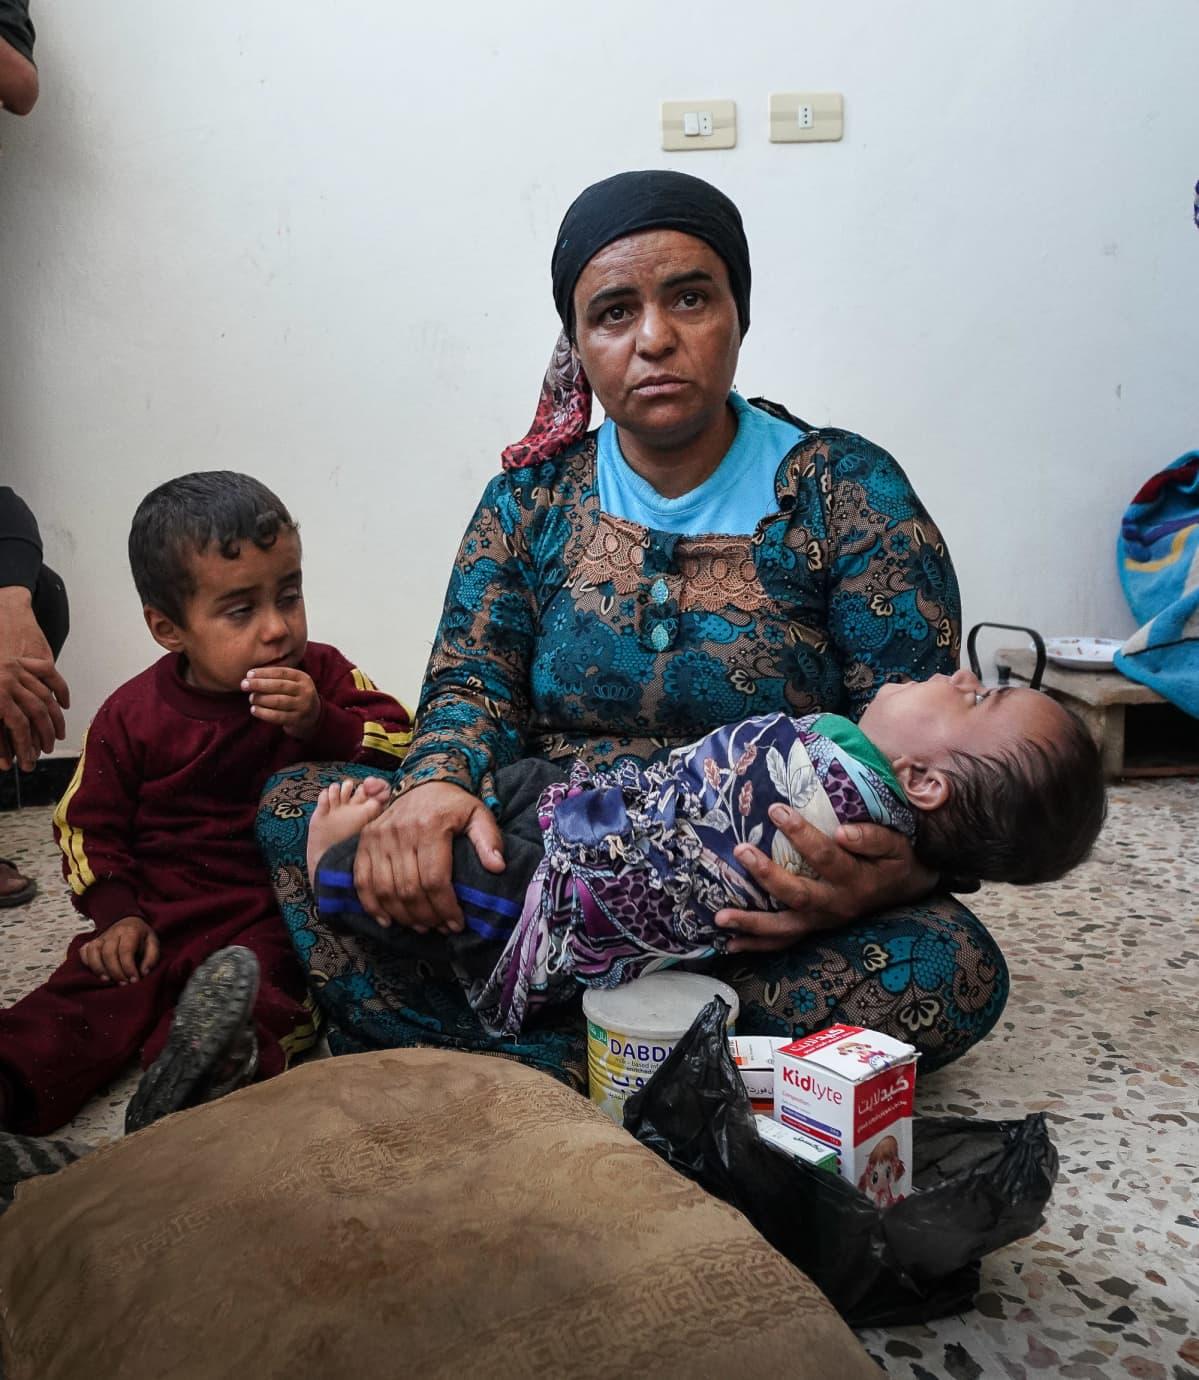 """""""Vauva ei ole saanut aamiaista ja hän kärsii nestepulasta"""", kertoi kouluun majoitettu perheenäiti Tal Tamrissa Syyriassa. Viimeisillä rahoillaan hän oli ostanut lääkkeitä vauvalle."""